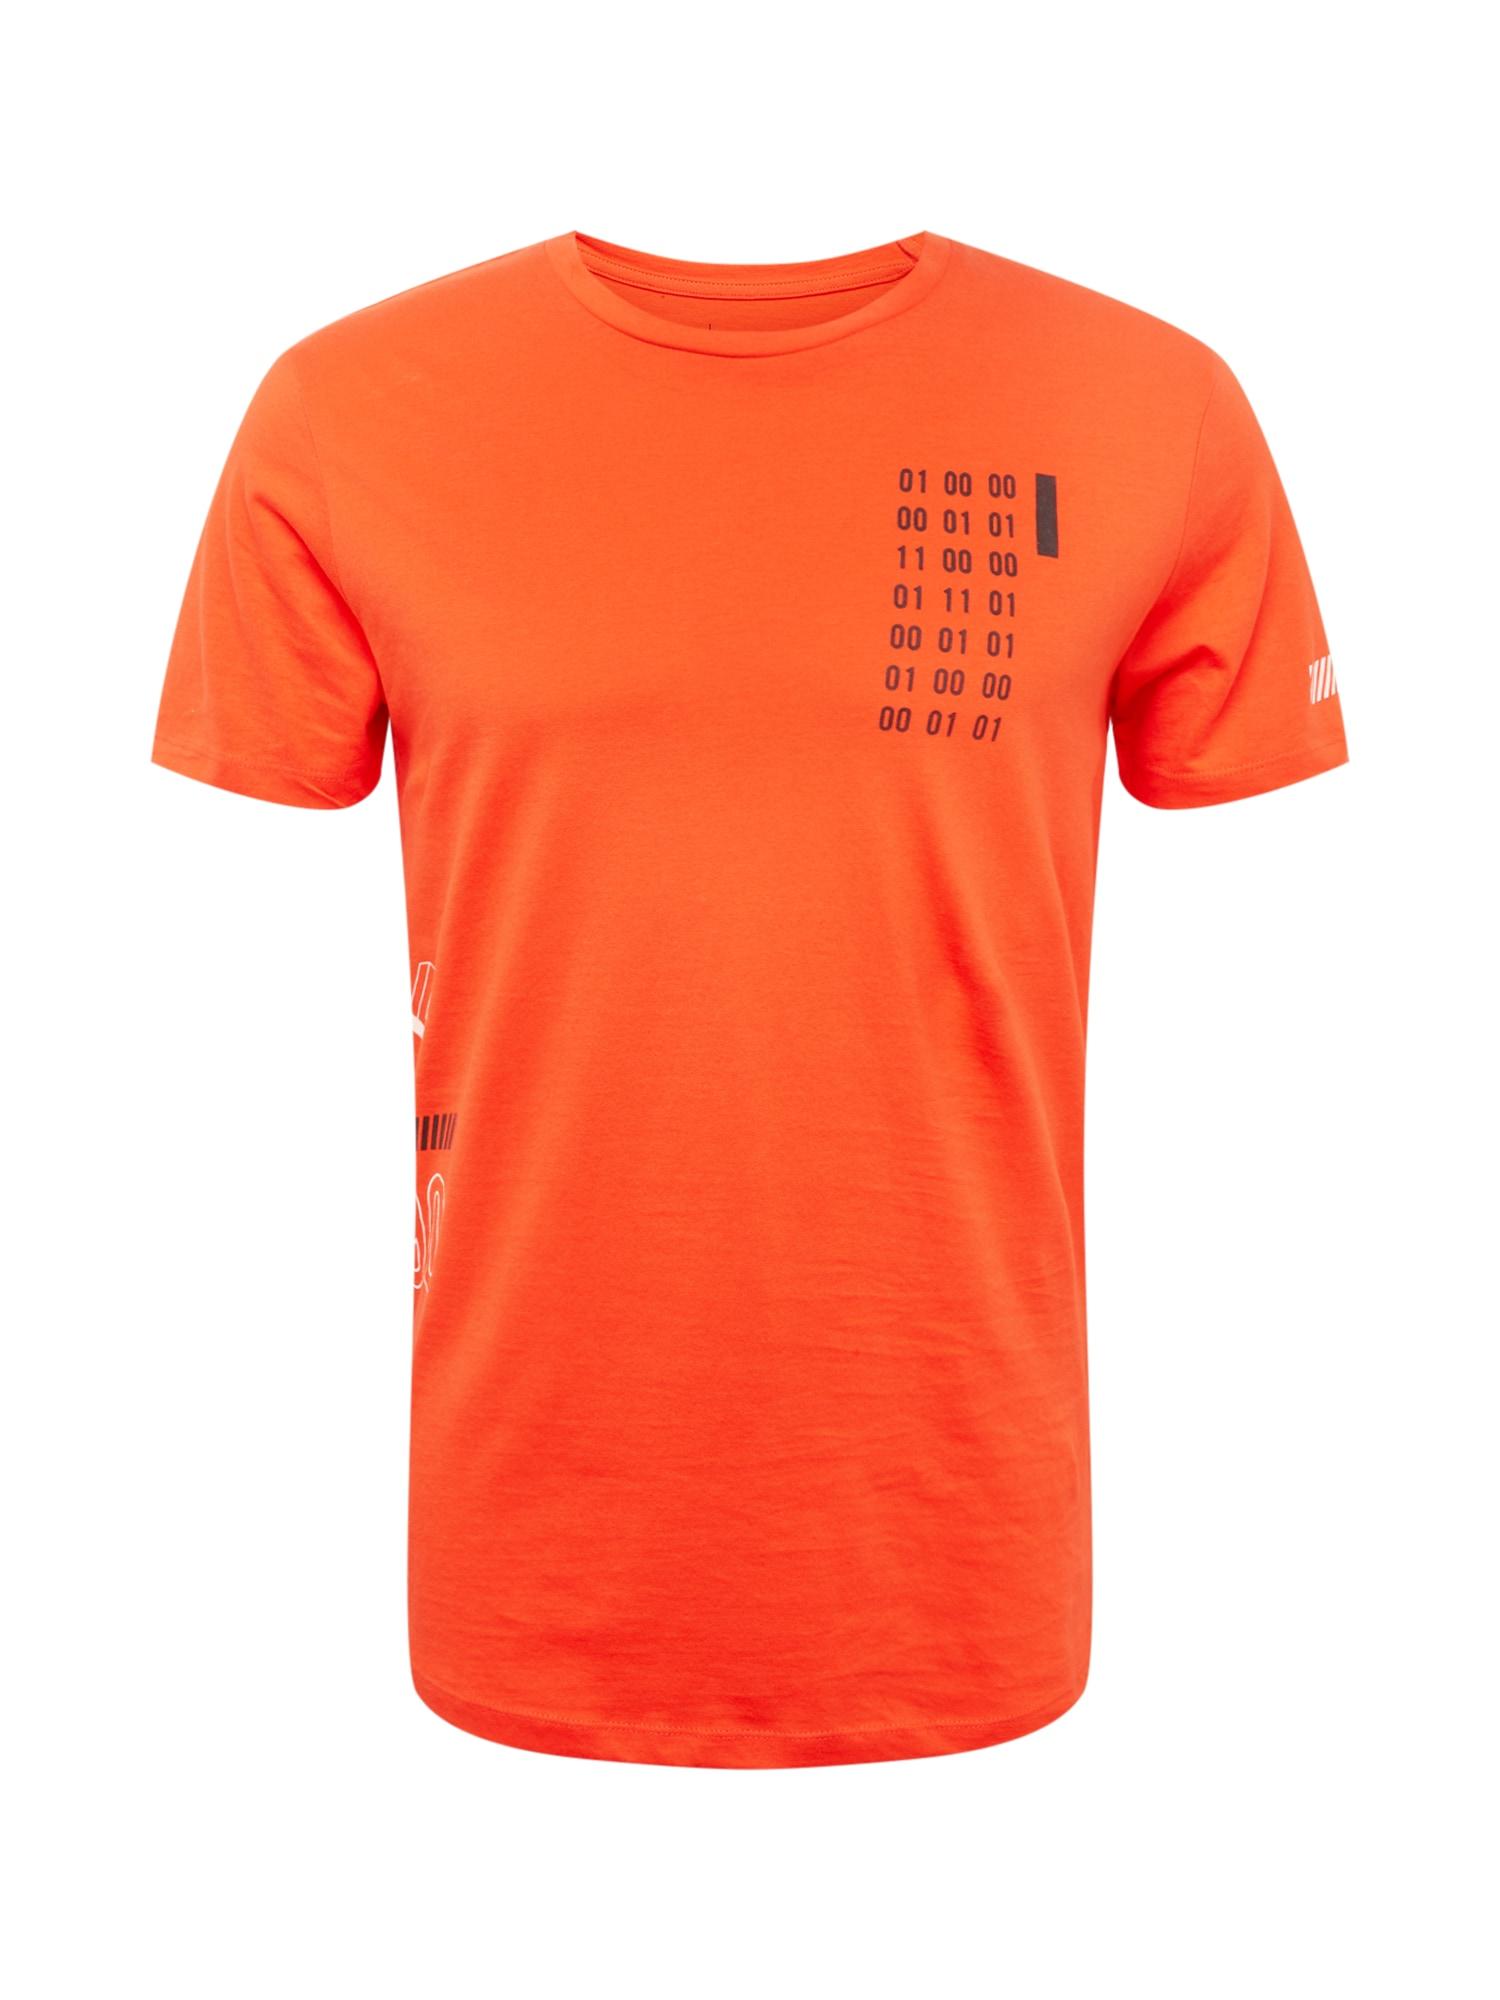 Tričko BOOSTER FUT oranžově červená černá bílá JACK & JONES